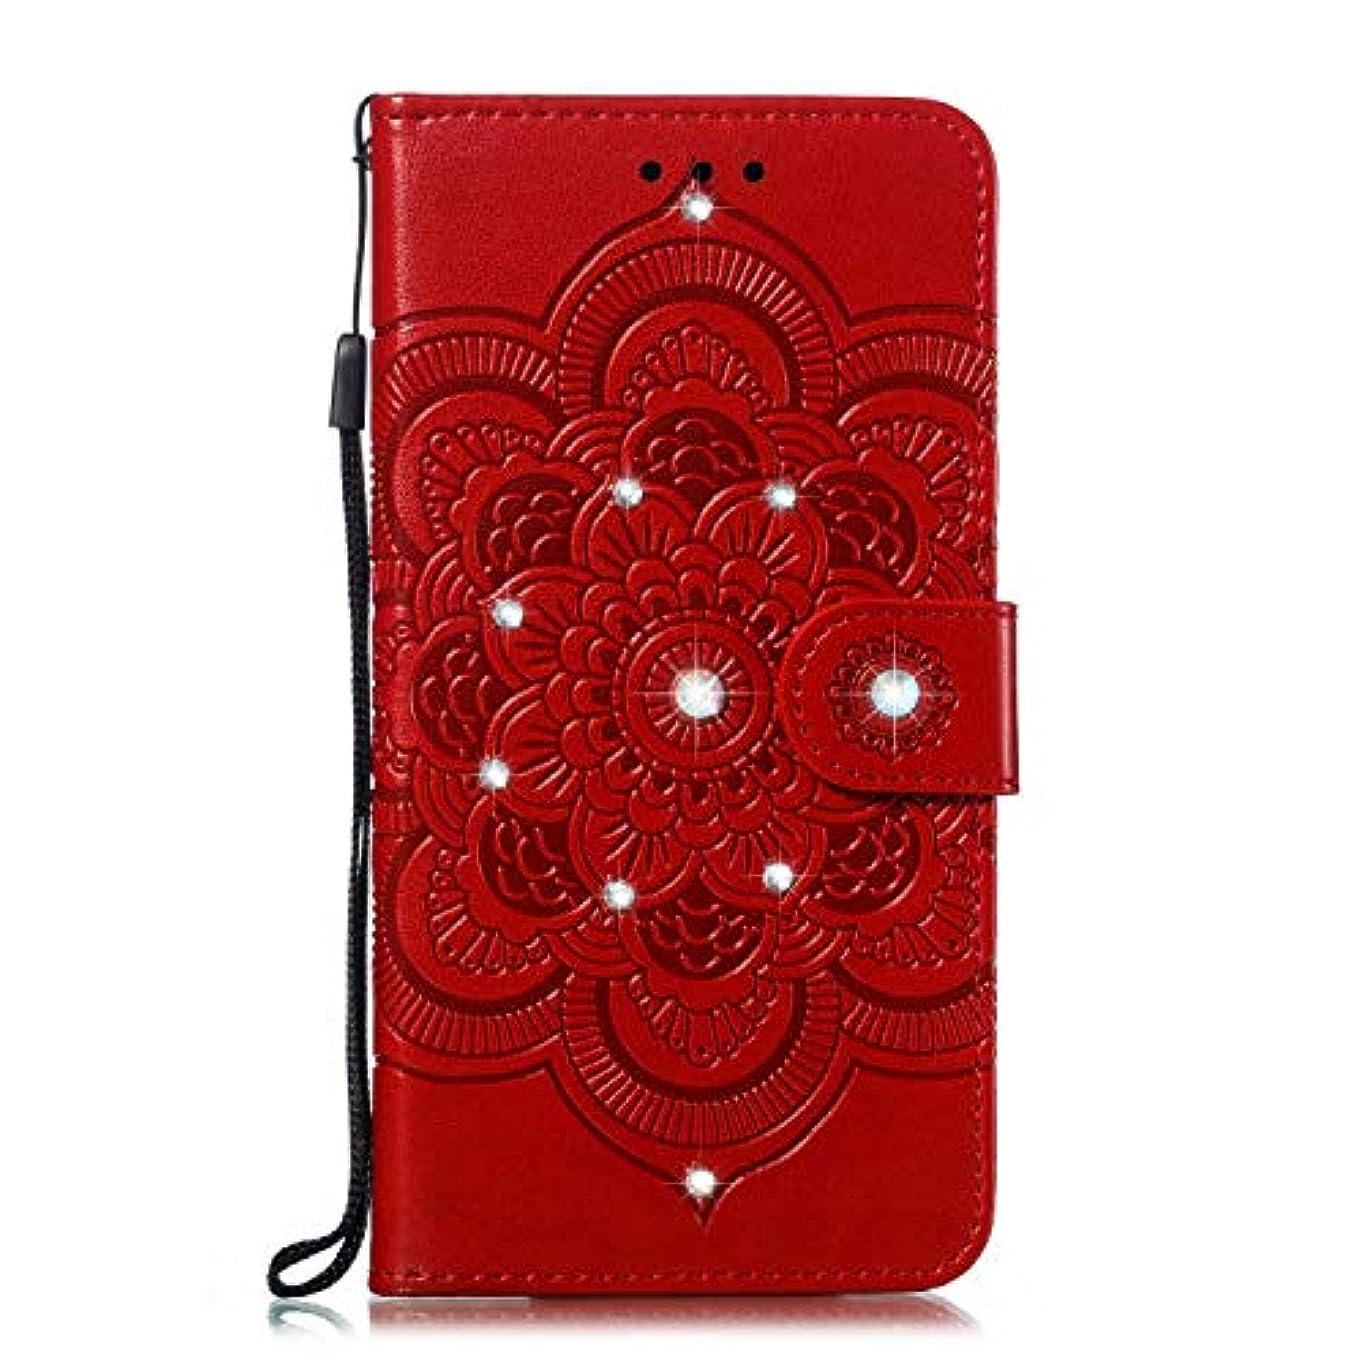 原理風景しみCUNUS 高品質 合皮レザー ケース Huawei Honor 10 用, 防塵 ケース, 軽量 スタンド機能 耐汚れ カード収納 カバー, レッド